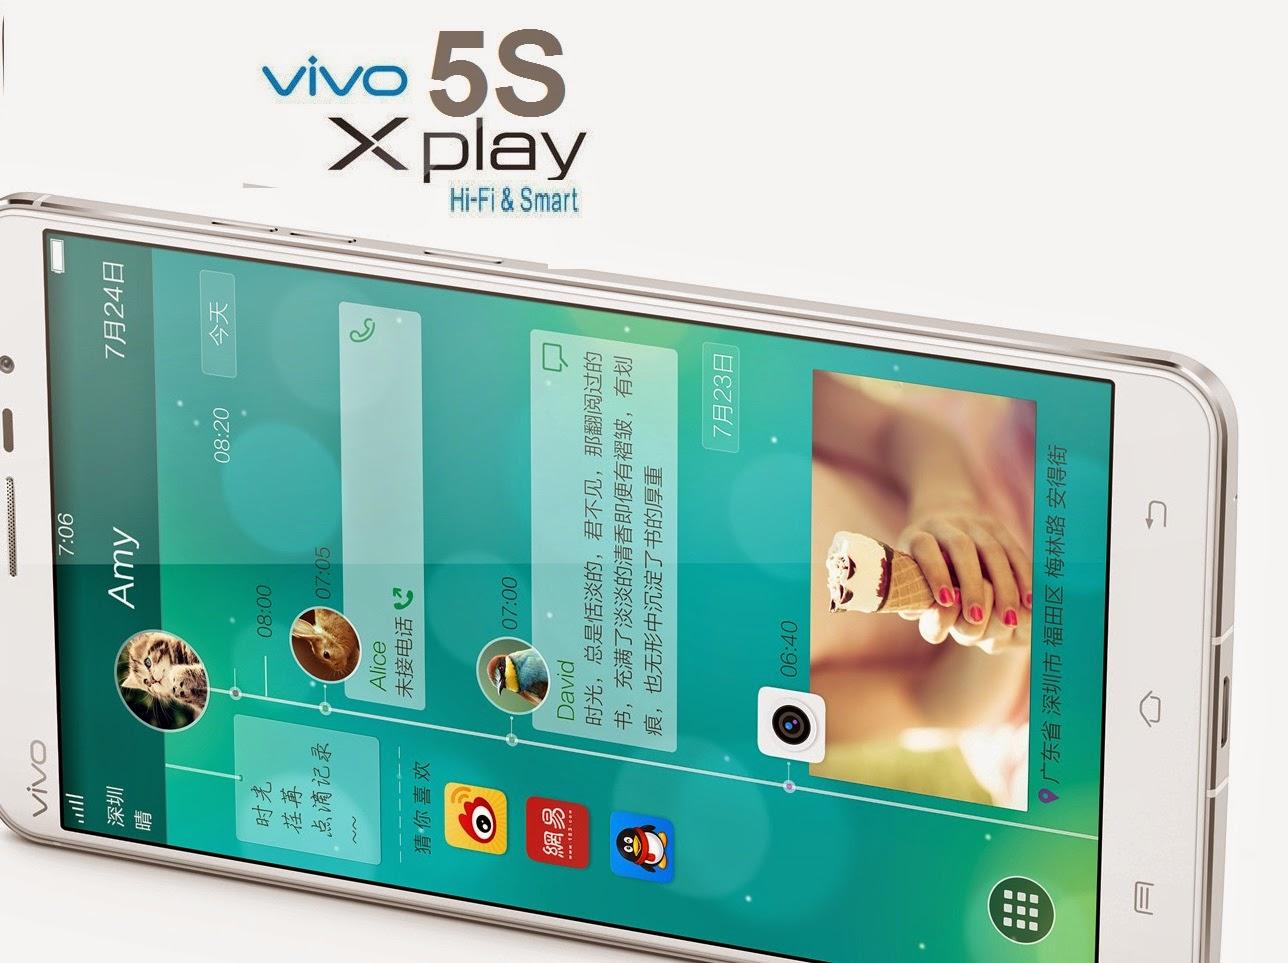 vivoXplay5Srender